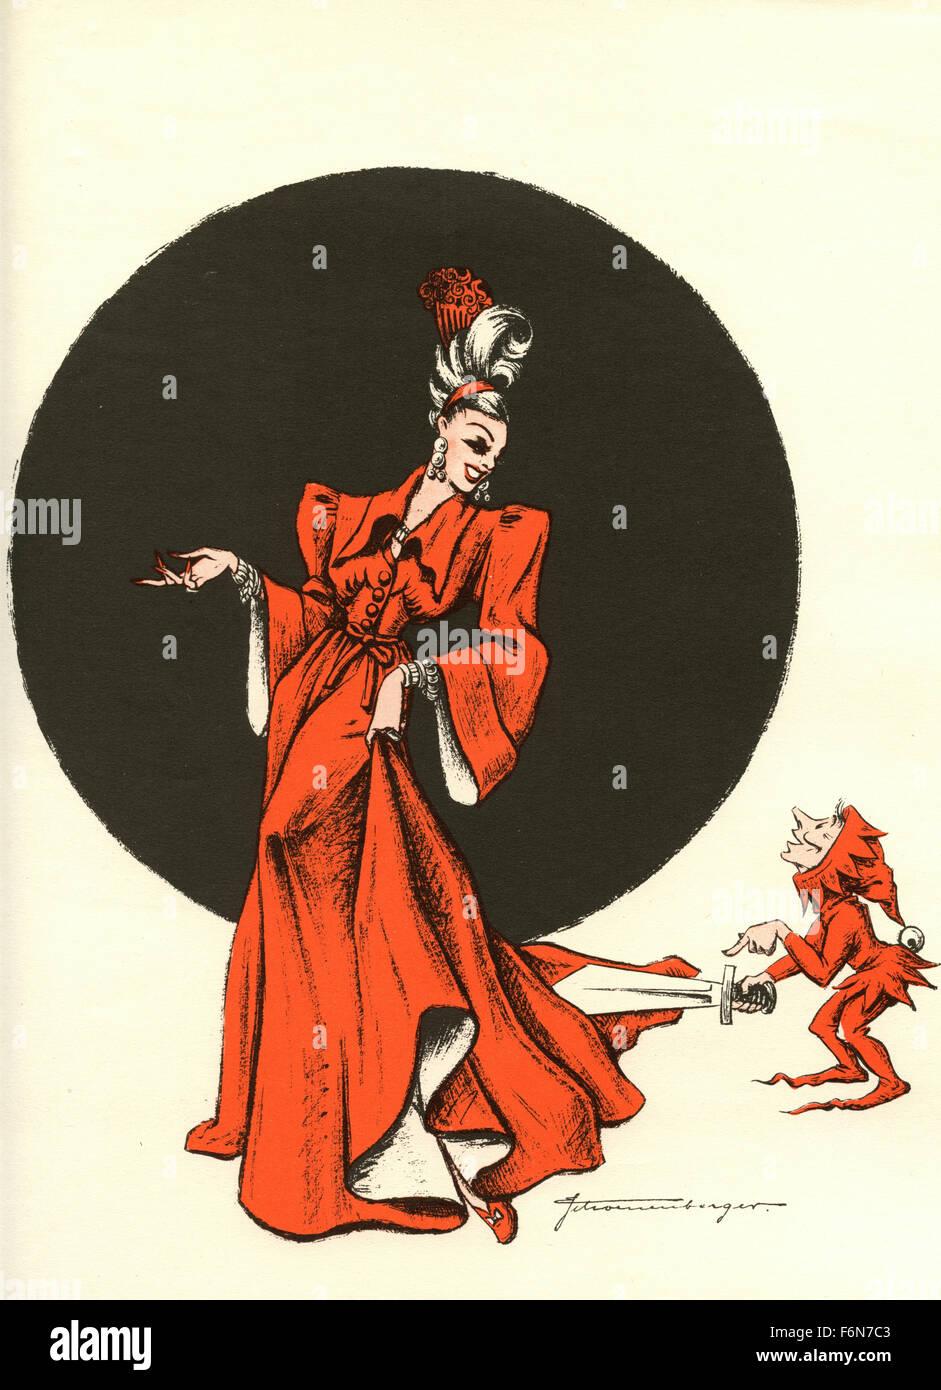 Deutschen satirischen Illustrationen 1950: eine Frau und eine Elfe Stockbild